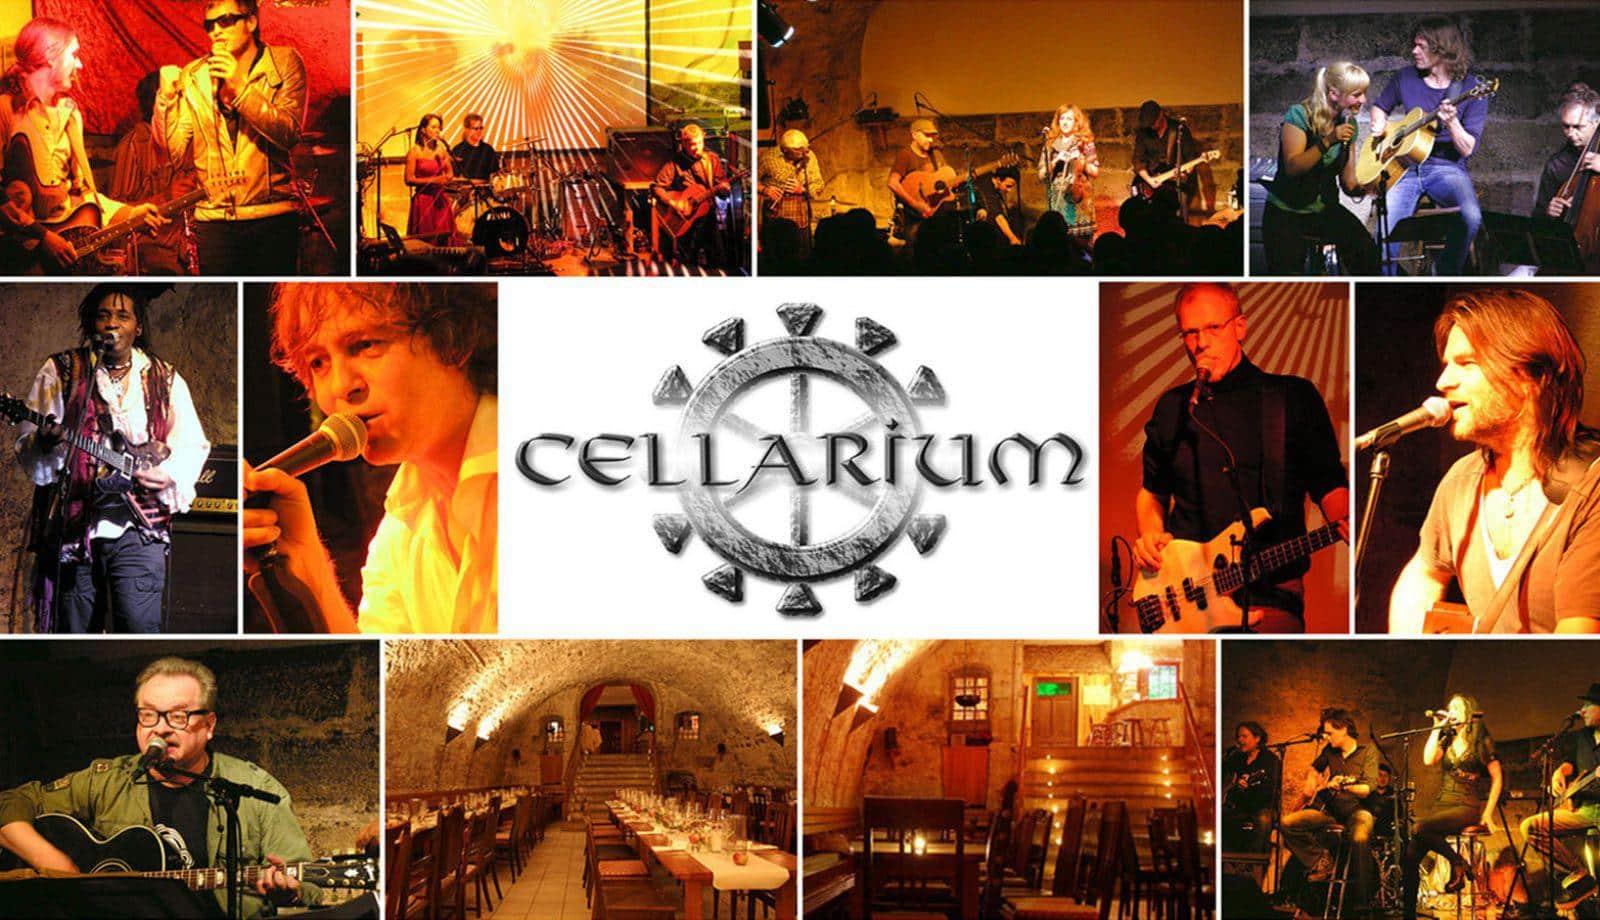 Willkommen im Cellarium